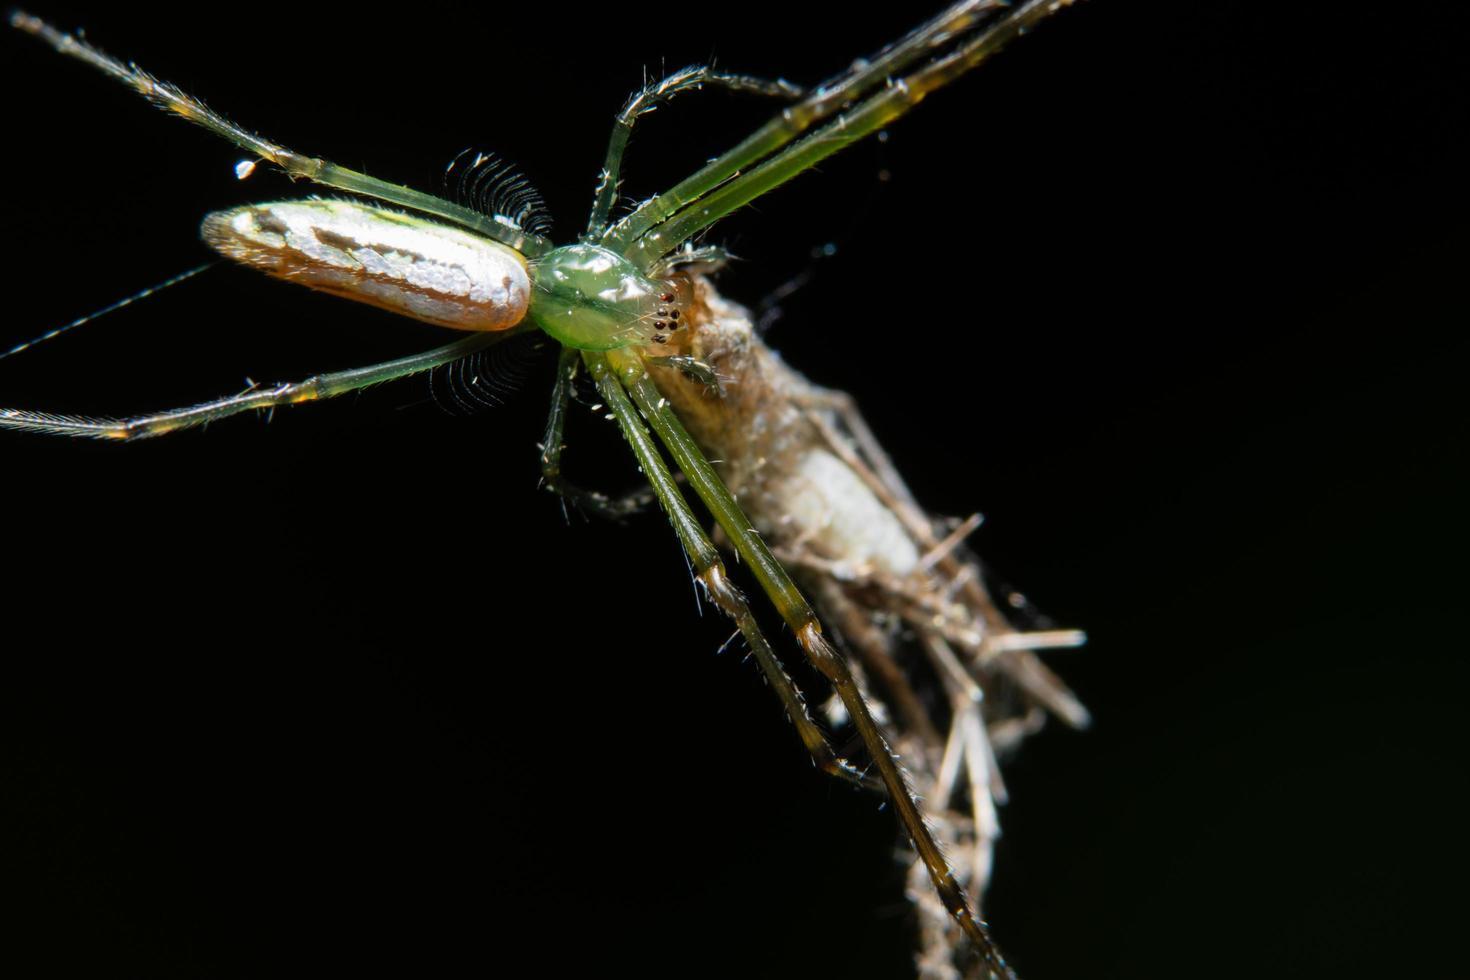 Macro spider on leaf photo